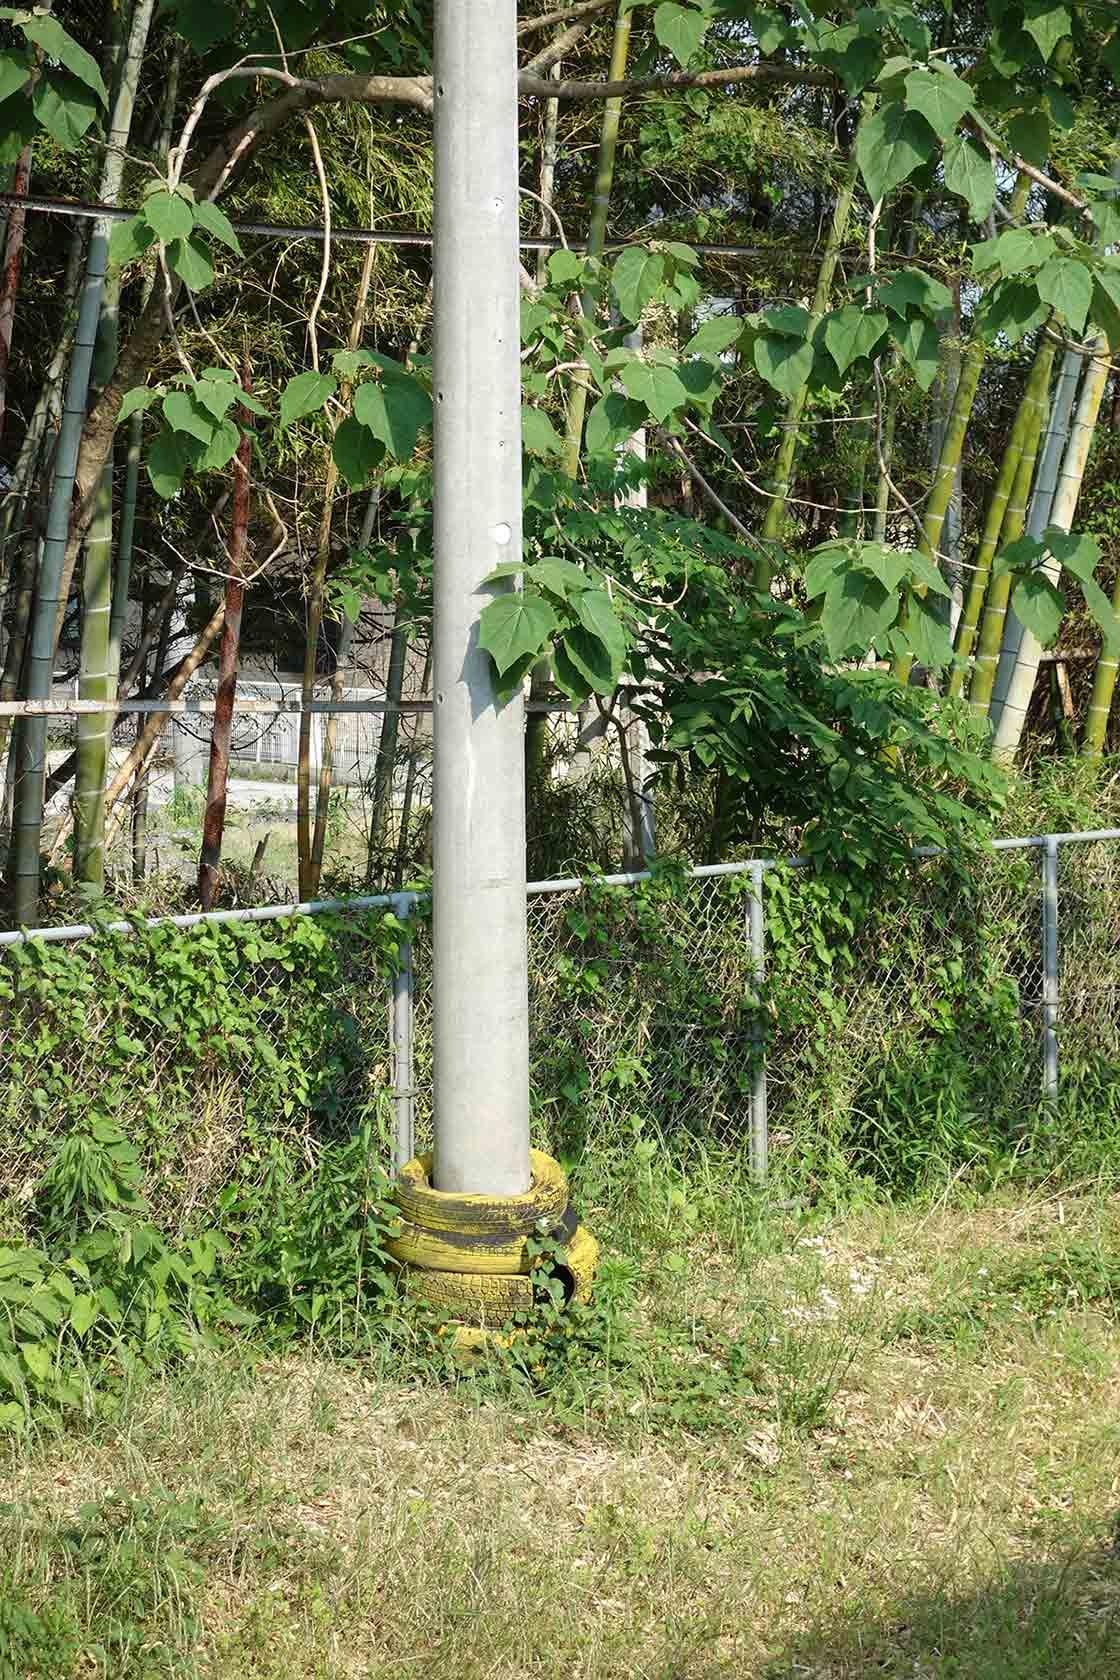 電信柱に巻きついた布とツタ植物